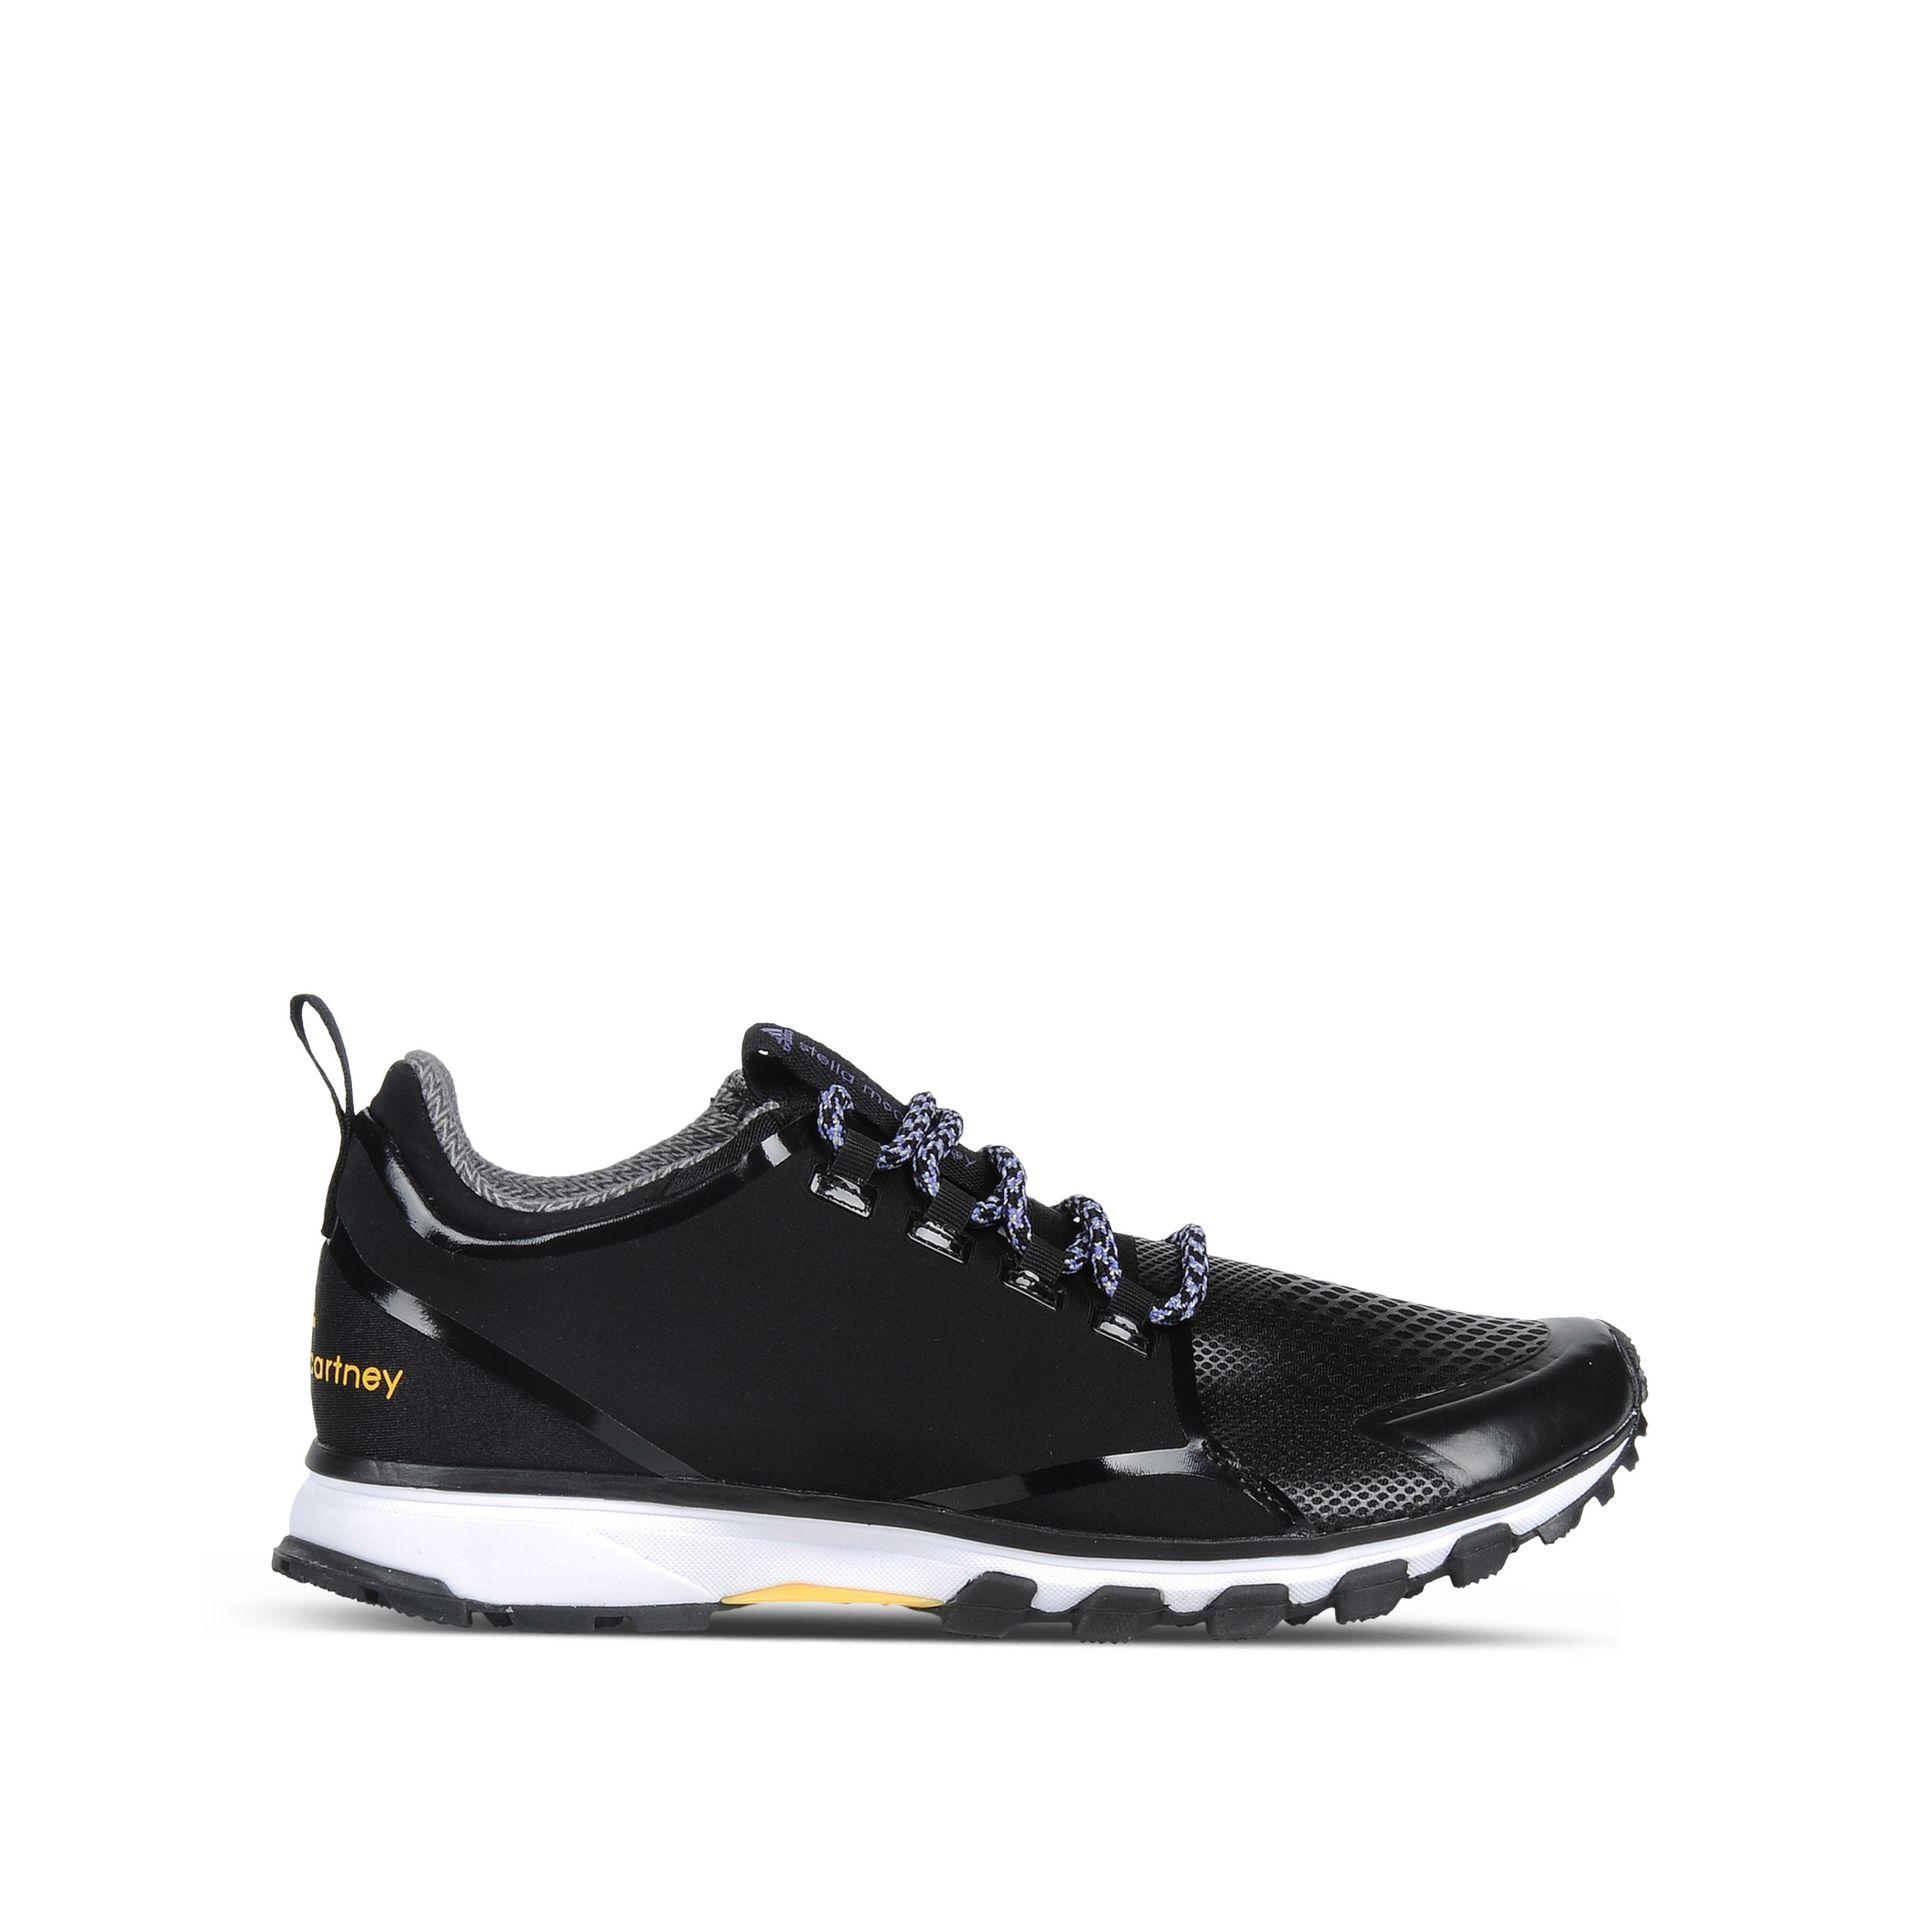 Lyst - Adidas By Stella Mccartney Adizero Xt Running Shoes